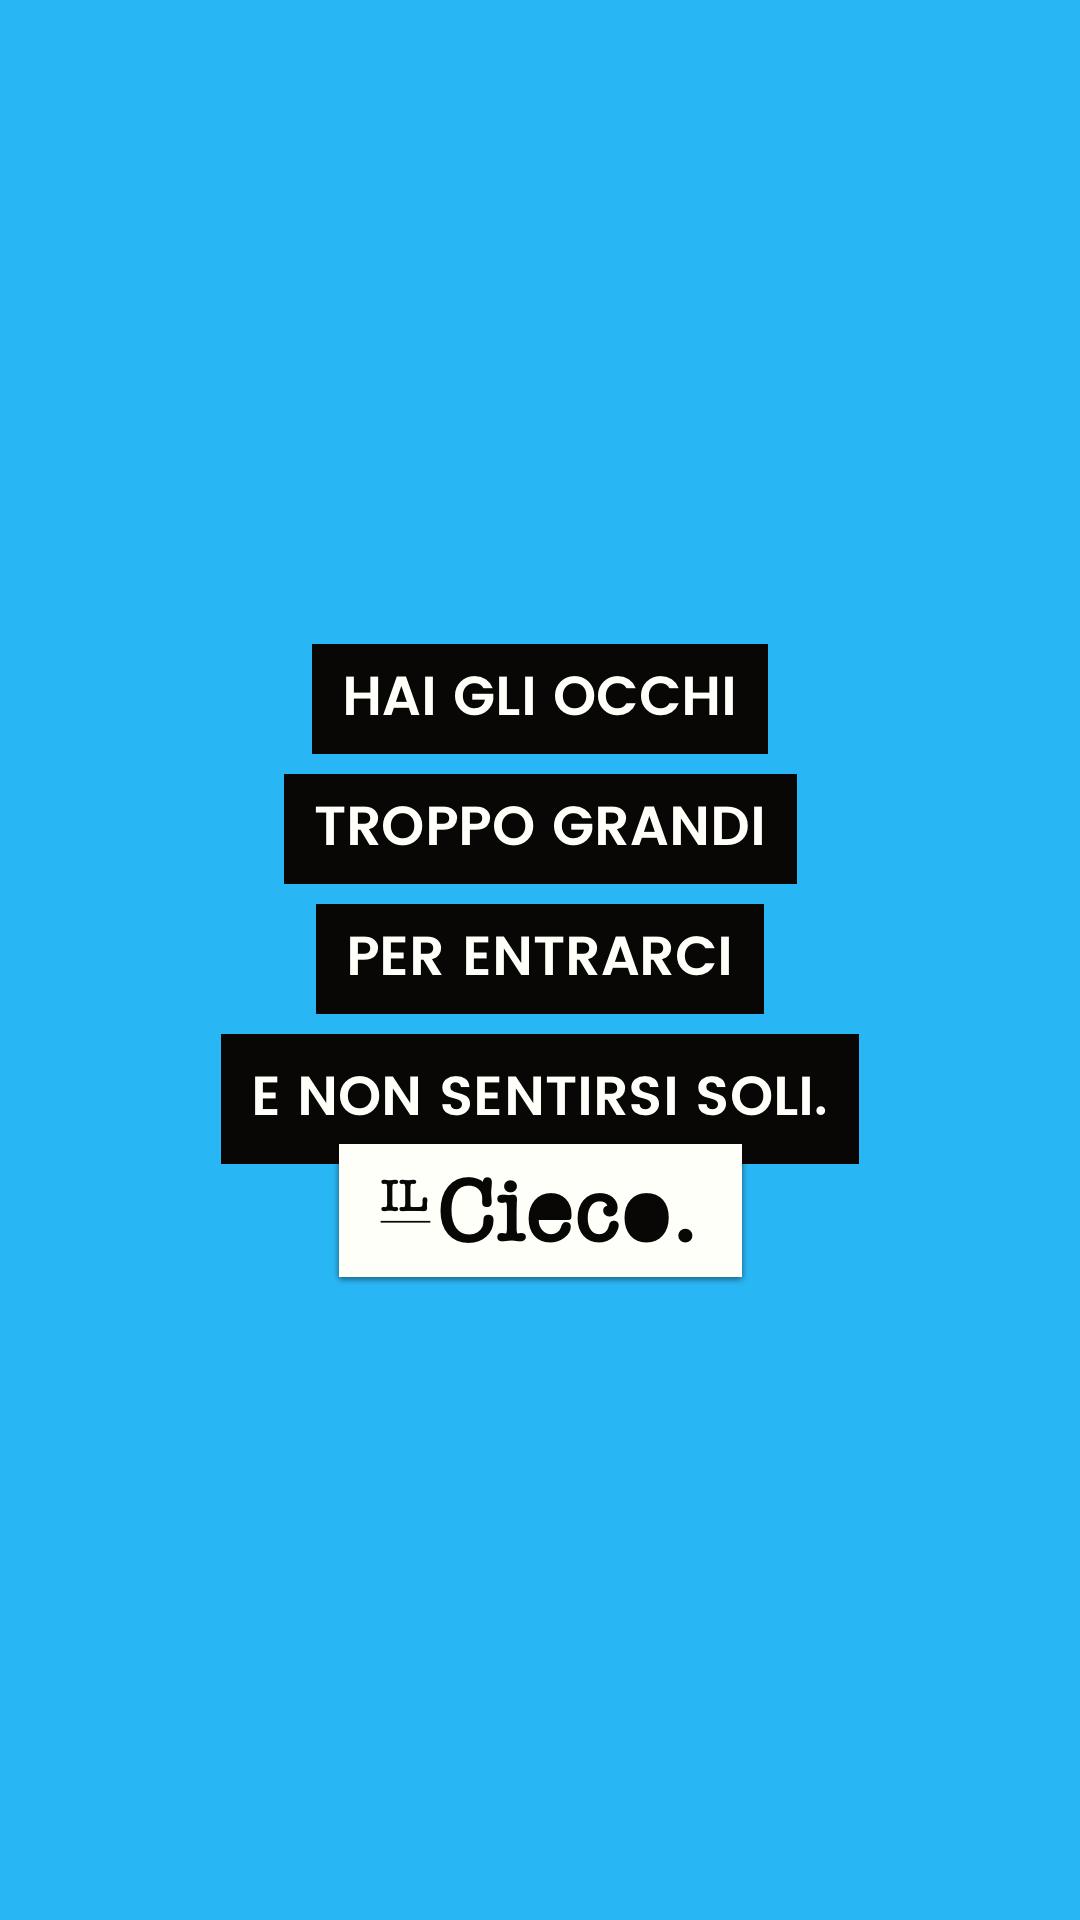 L'INFINITO CHE TI CIRCONDA. #ilcieco #siiciochesenti # ...